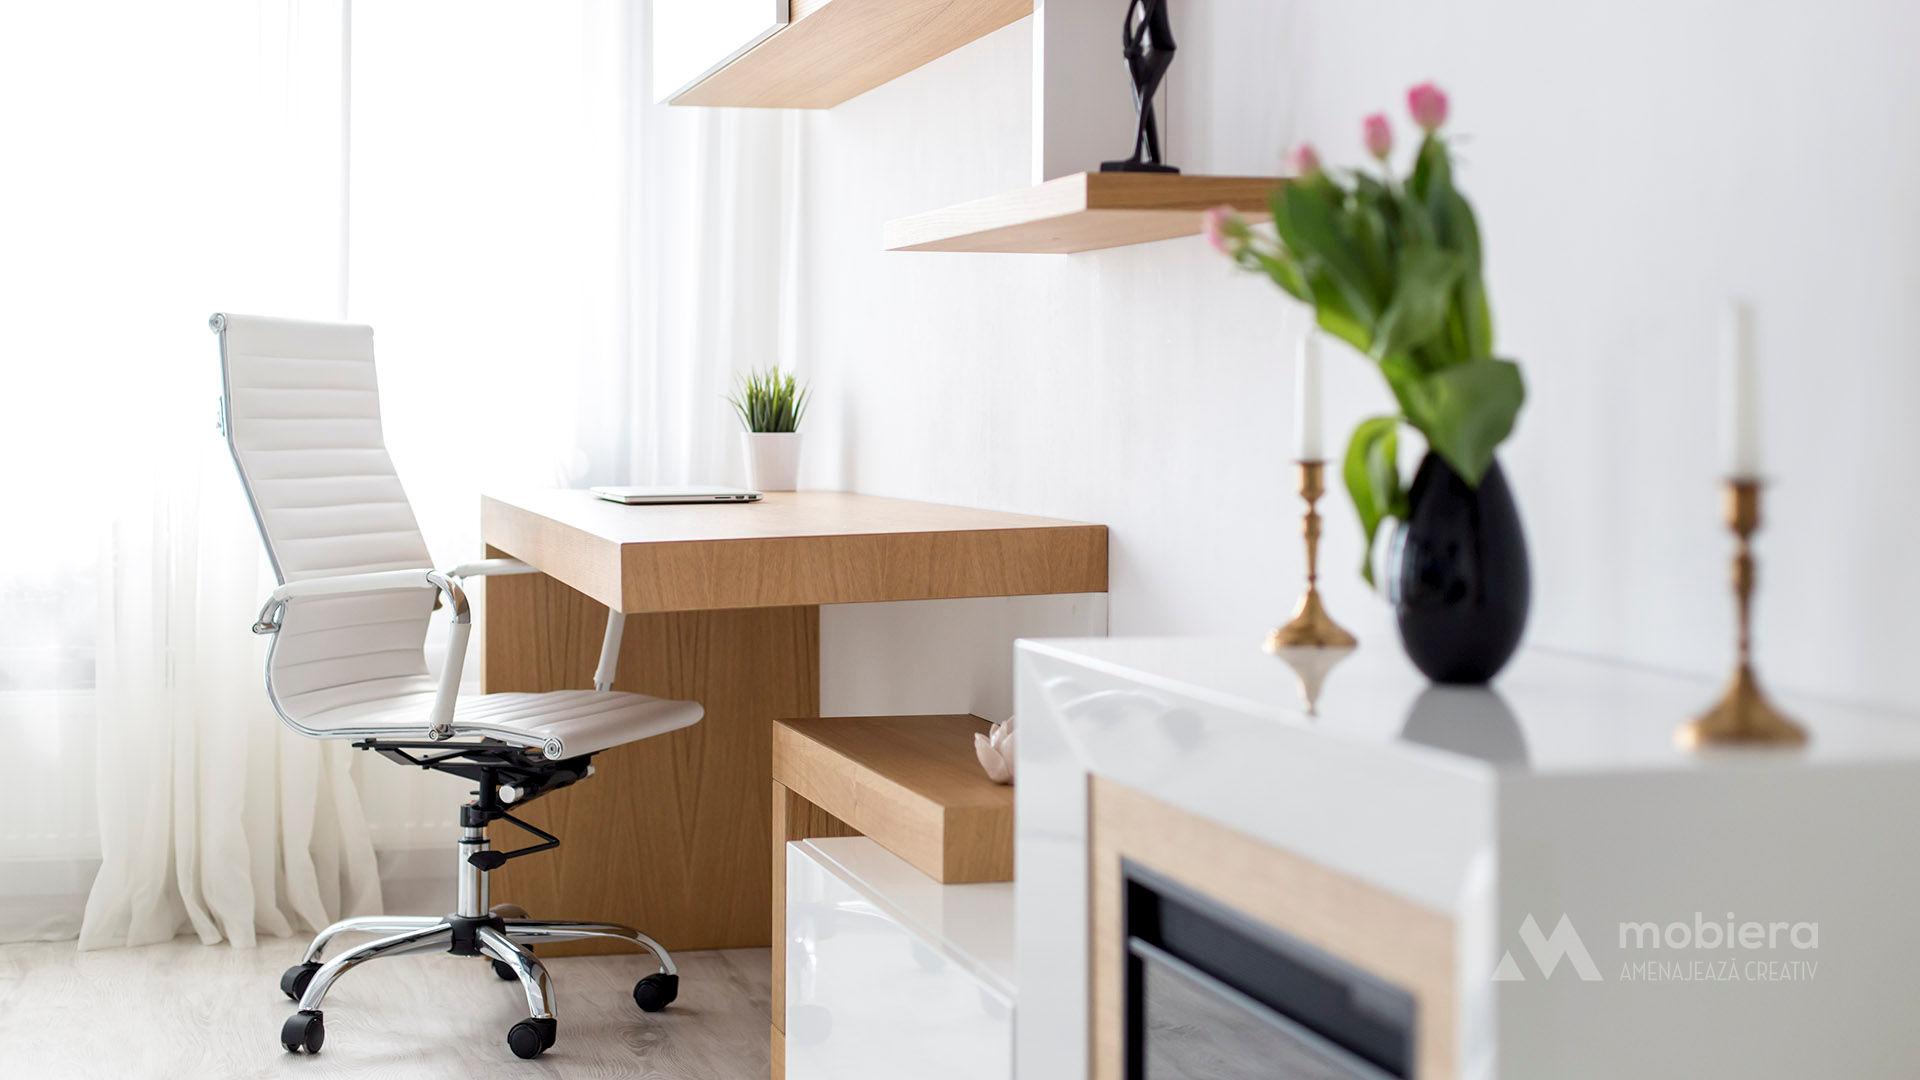 mobiera.ro-portofoliu-living-room-furnit-mdf-vopsit-015